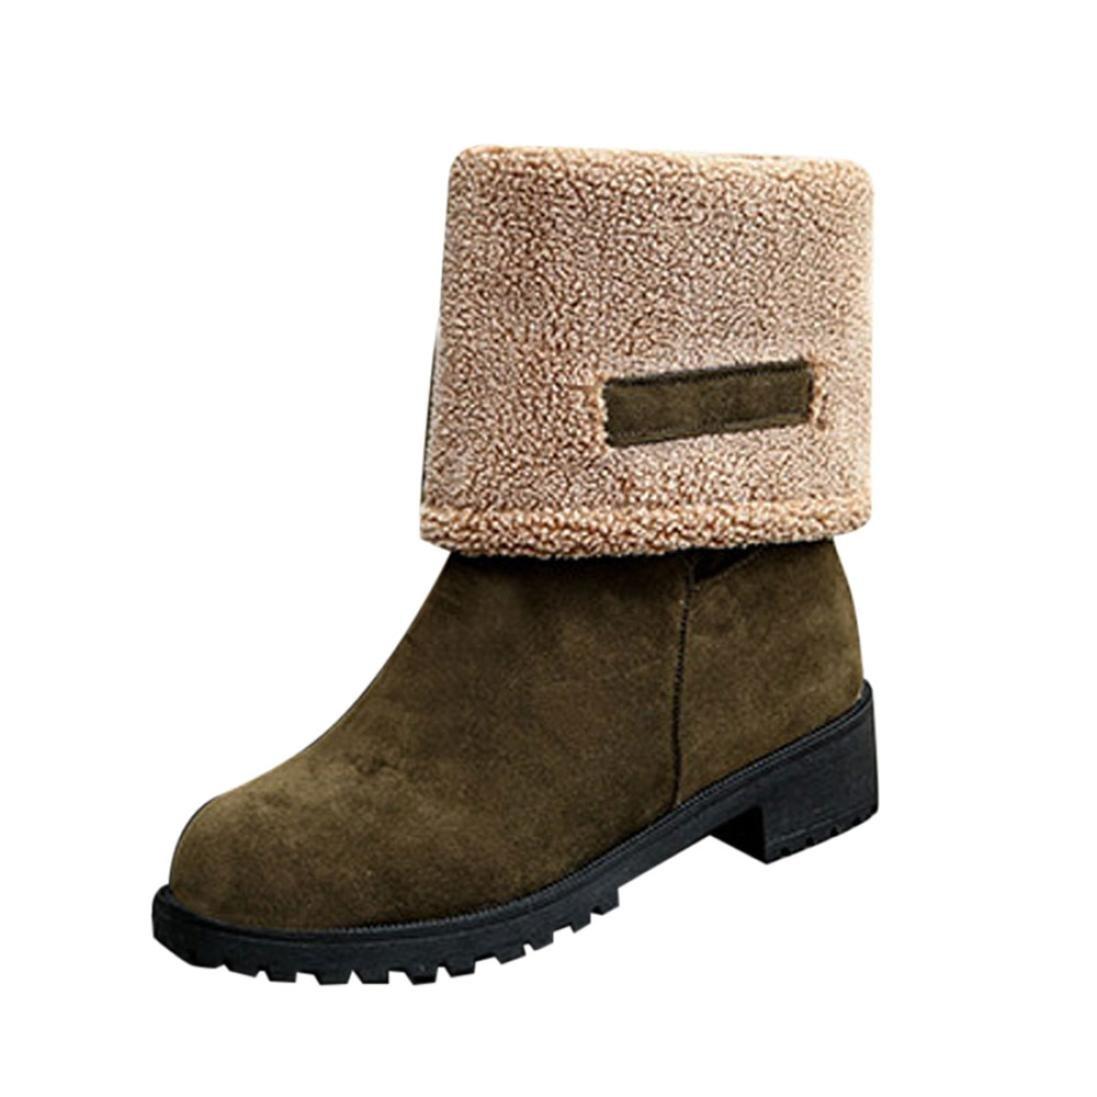 Botte FantaisieZ B075BKRQJY Mode Bottes Dames Femmes de Plates Hiver Chaud à Chaussures de Neige Bottes pour Femmes à Talons Bas 34EU-40EU de Trois Couleurs Vert 4149140 - gis9ma7le.space